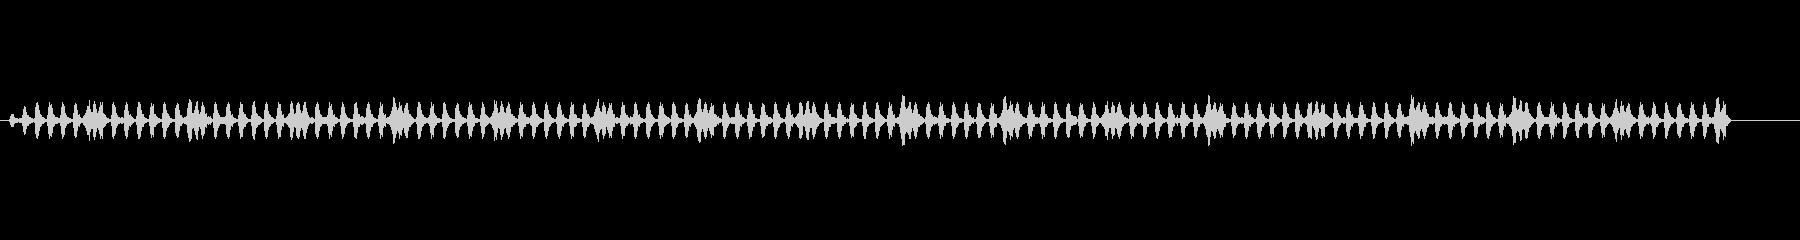 音楽;厚い壁を通しての電子ダンスビート。の未再生の波形